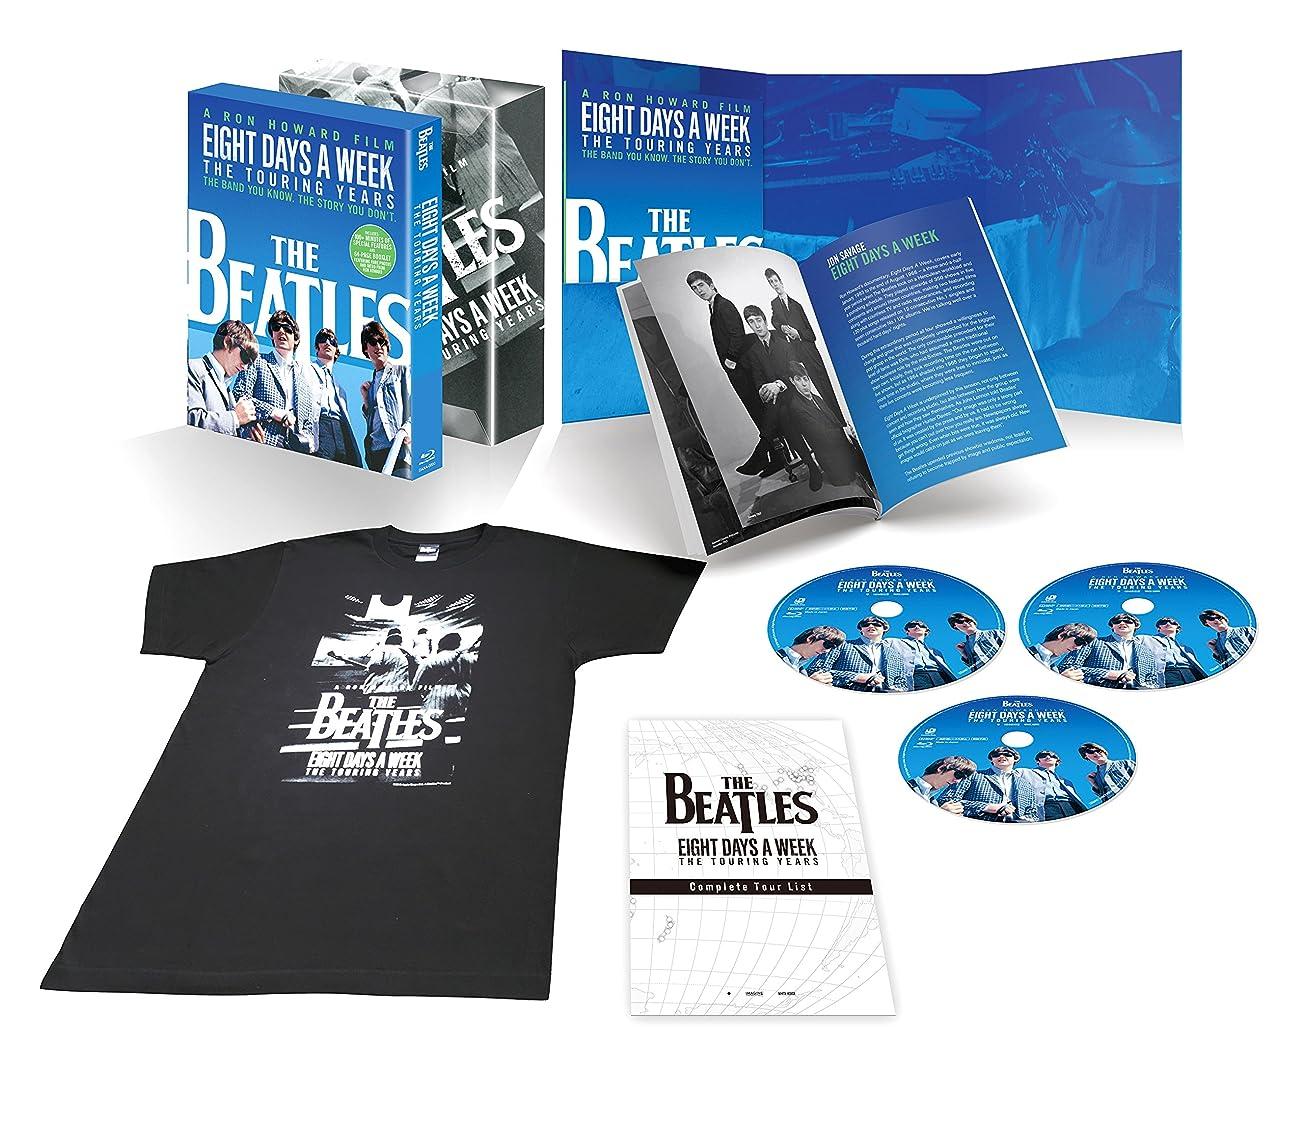 真実ヒントミシン目【Amazon.co.jp限定】ザ?ビートルズ EIGHT DAYS A WEEK  -The Touring Years Blu-ray コレクターズ?エディション(初回生産限定)(オリジナル特典:B2サイズ劇場版本ポスター付)(メーカー特典:A5サイズフォトシート付)